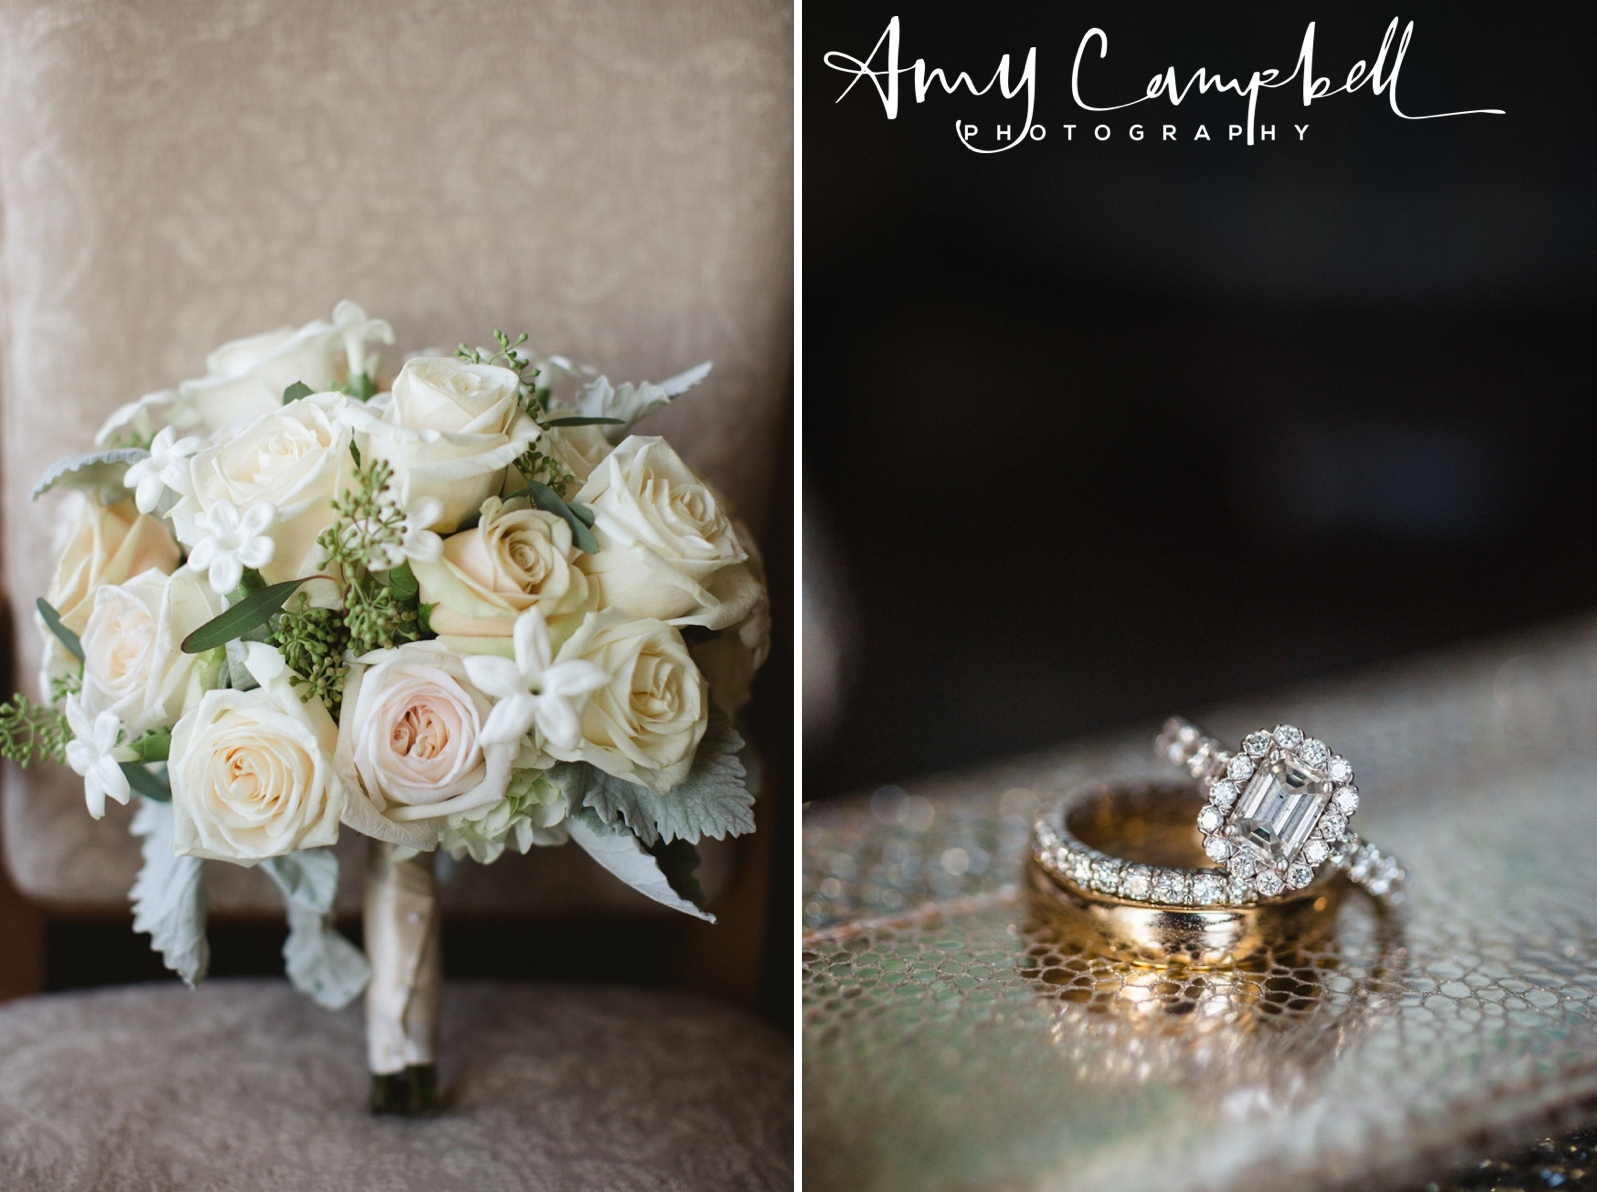 emmakyle_wedding_fb_amycampbellphotography_0003.jpg